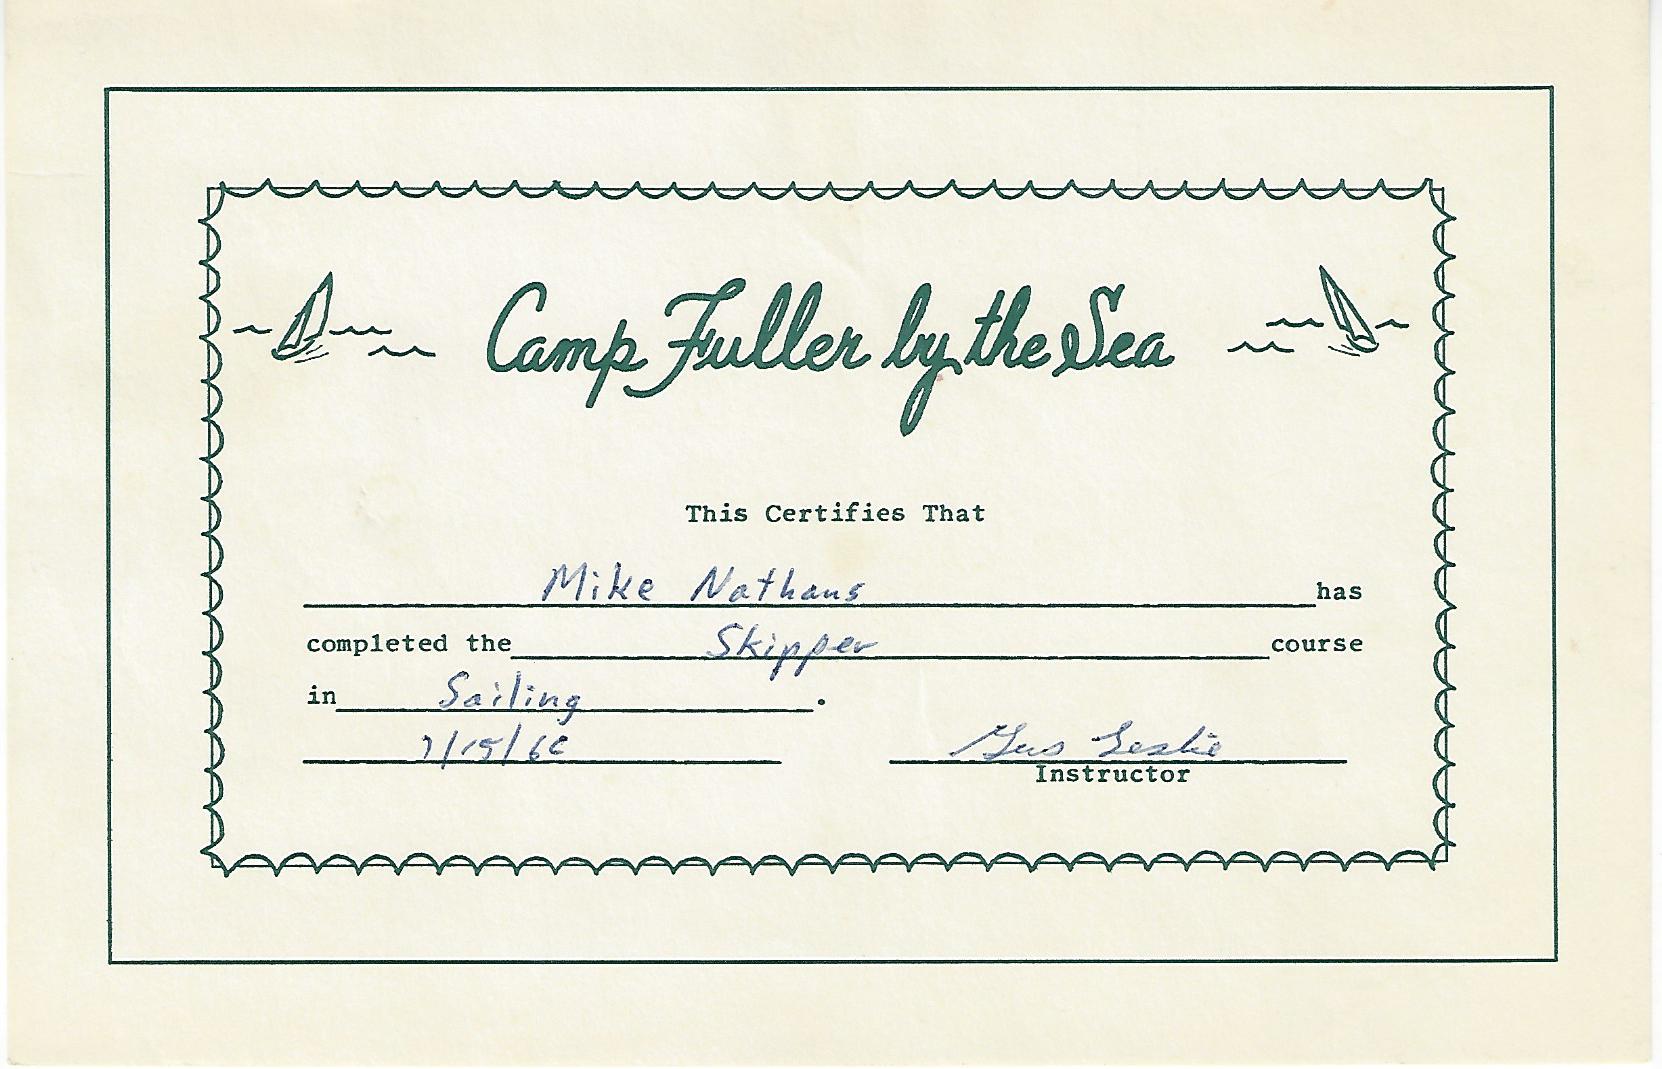 Camp Fuller Skipper Certificate 1965